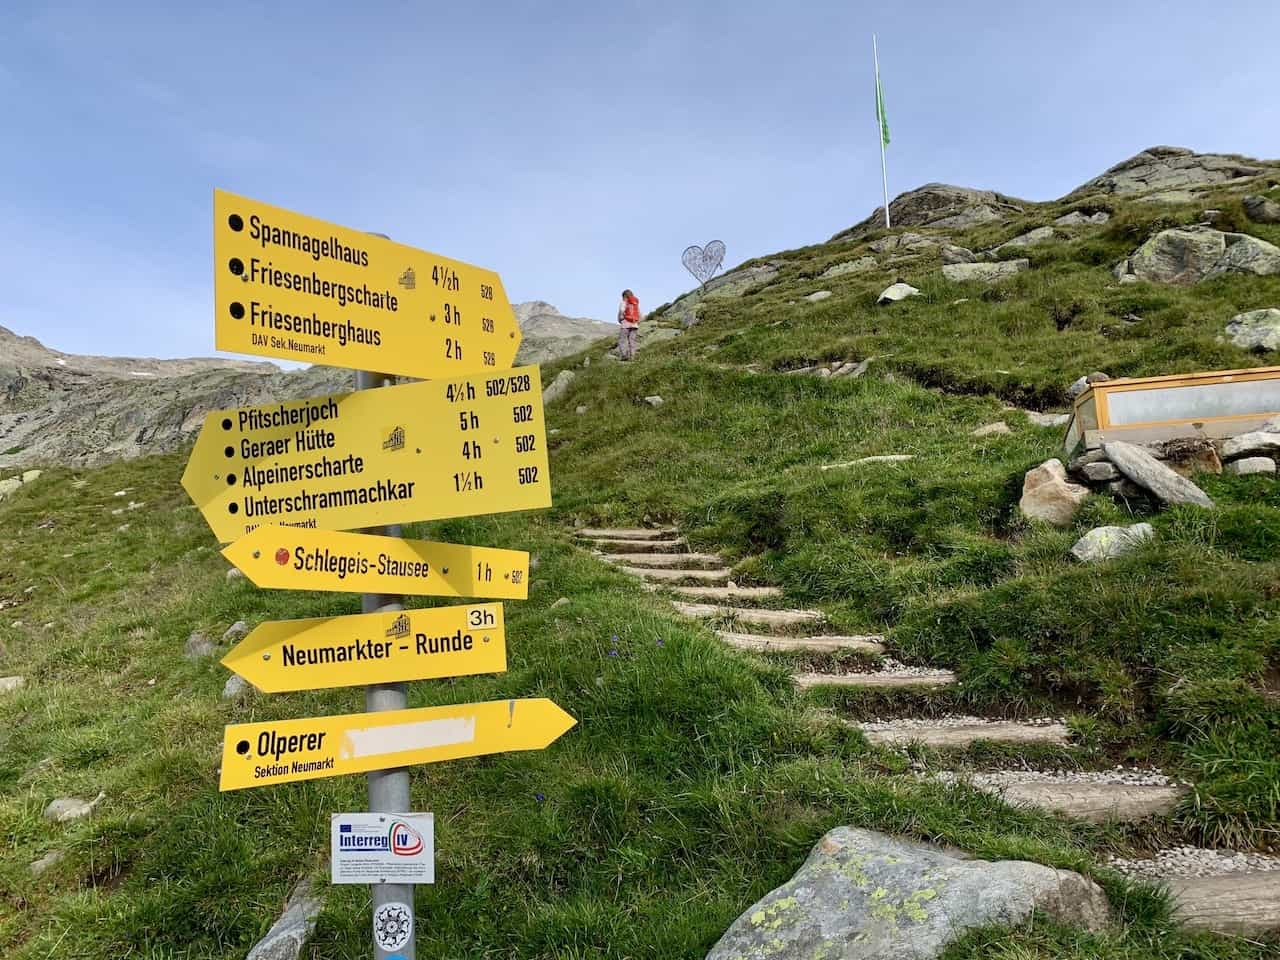 Friesenberghaus Sign